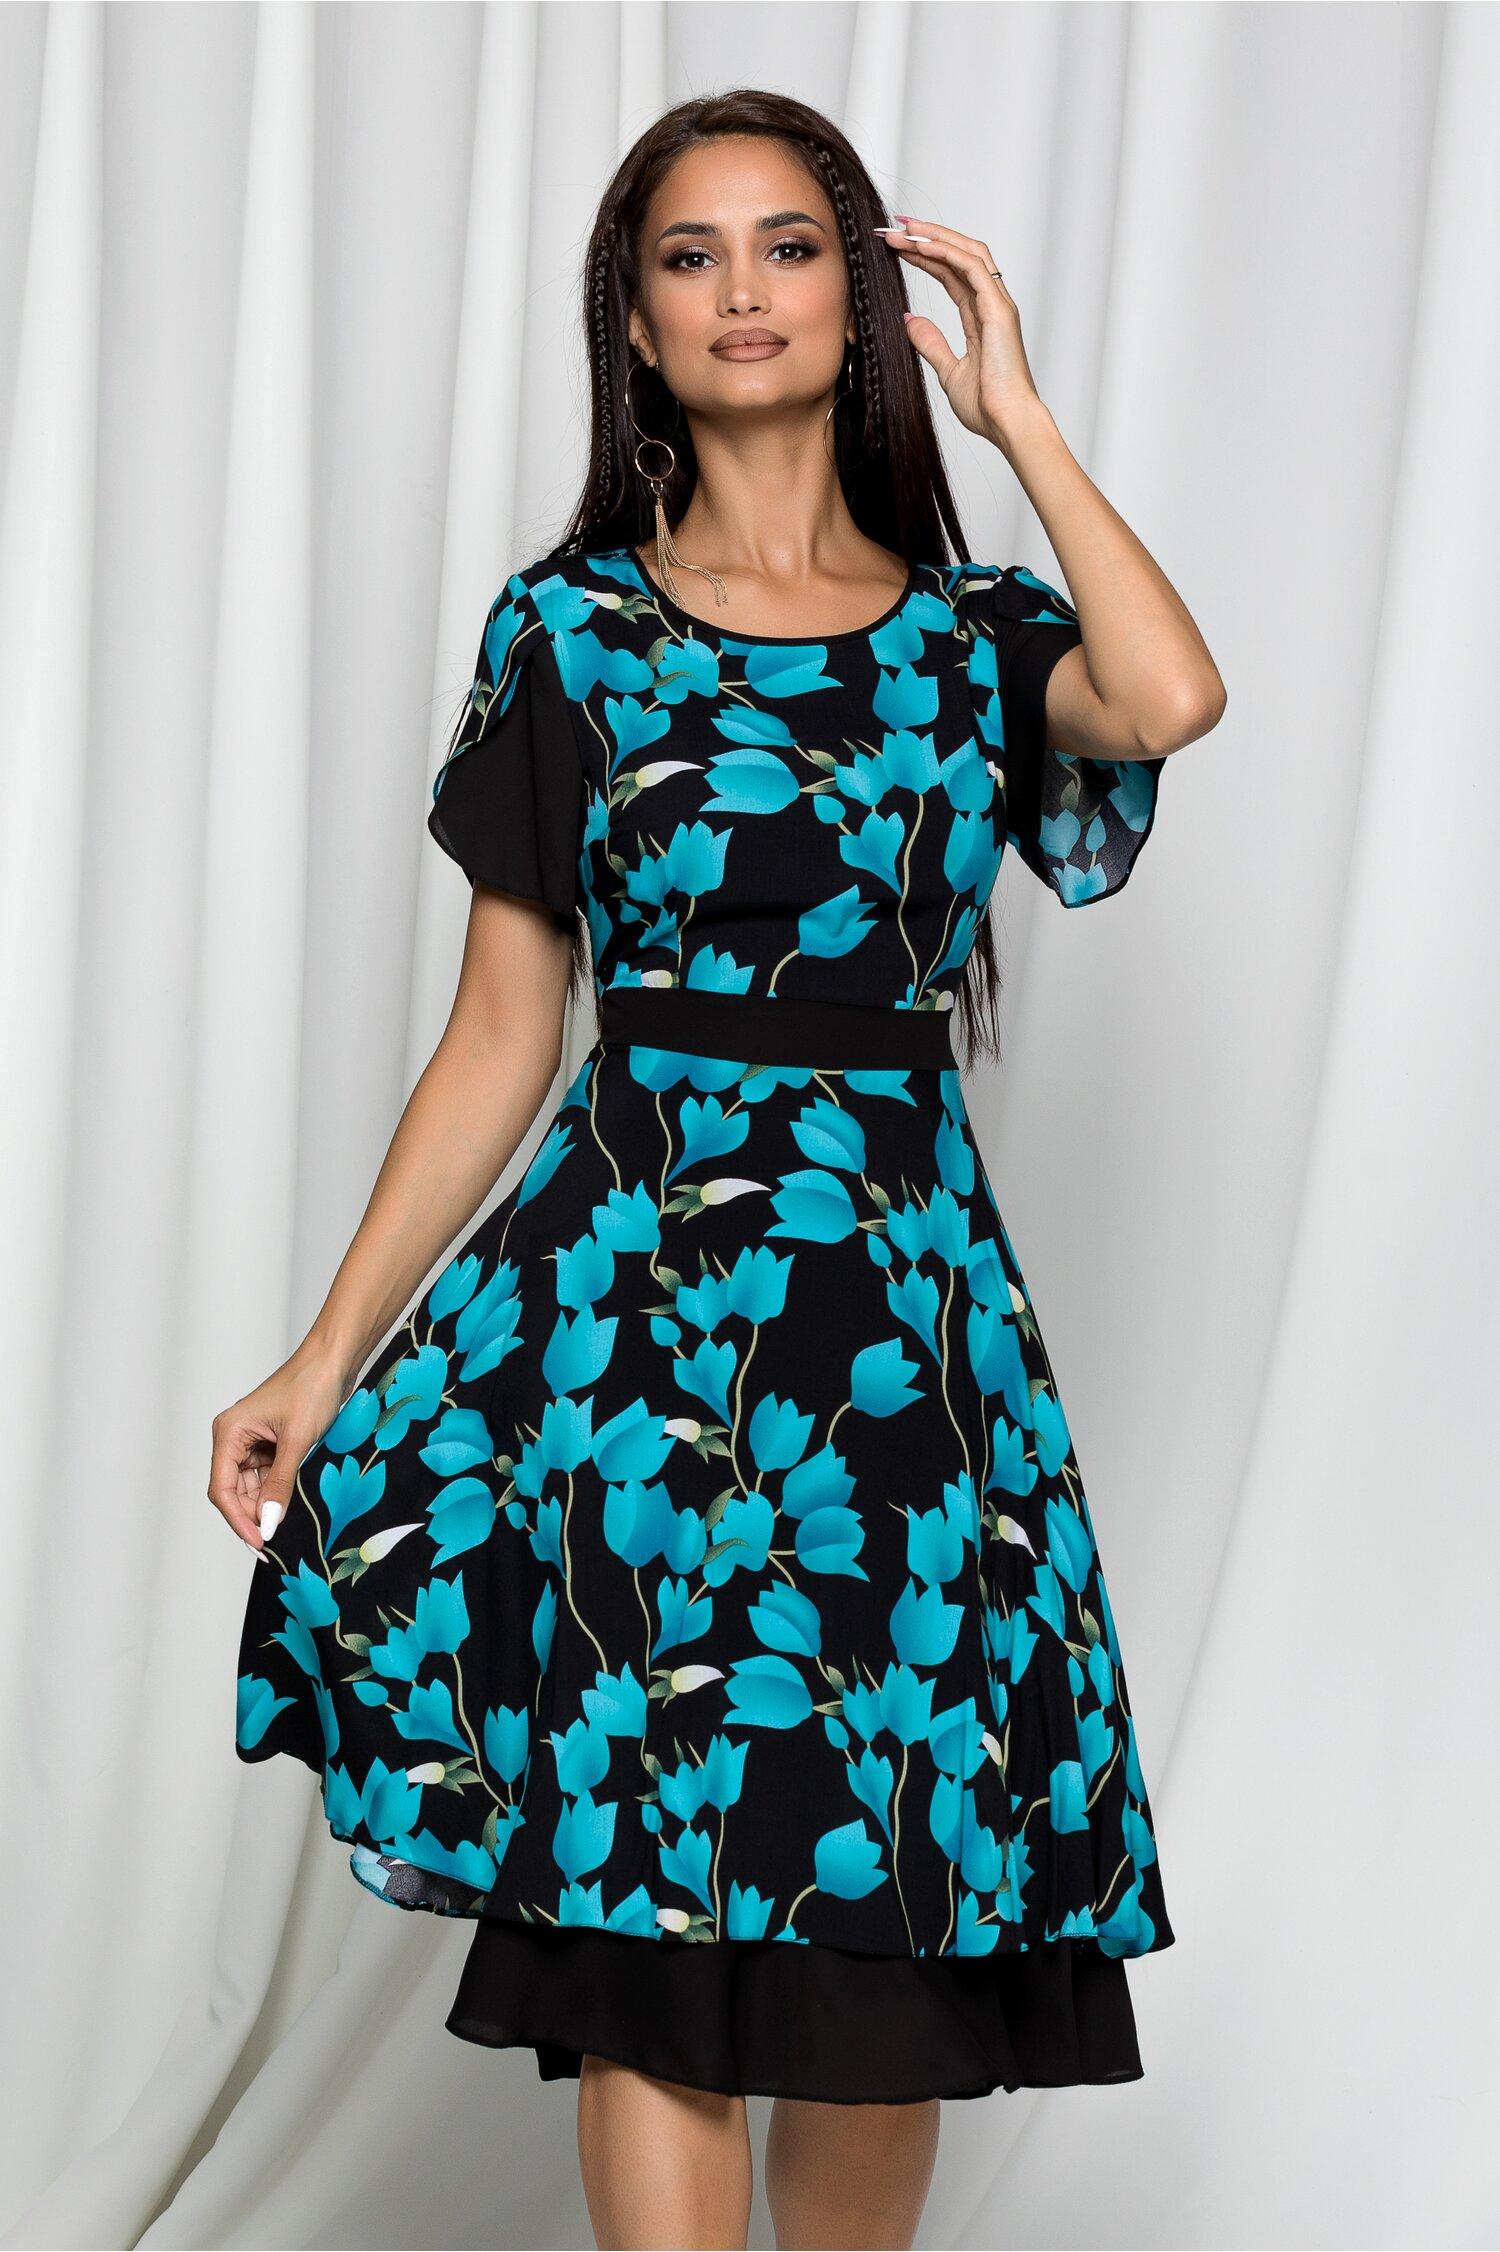 Rochie Narcisa neagra cu imprimeu floral albastru si talie marcata